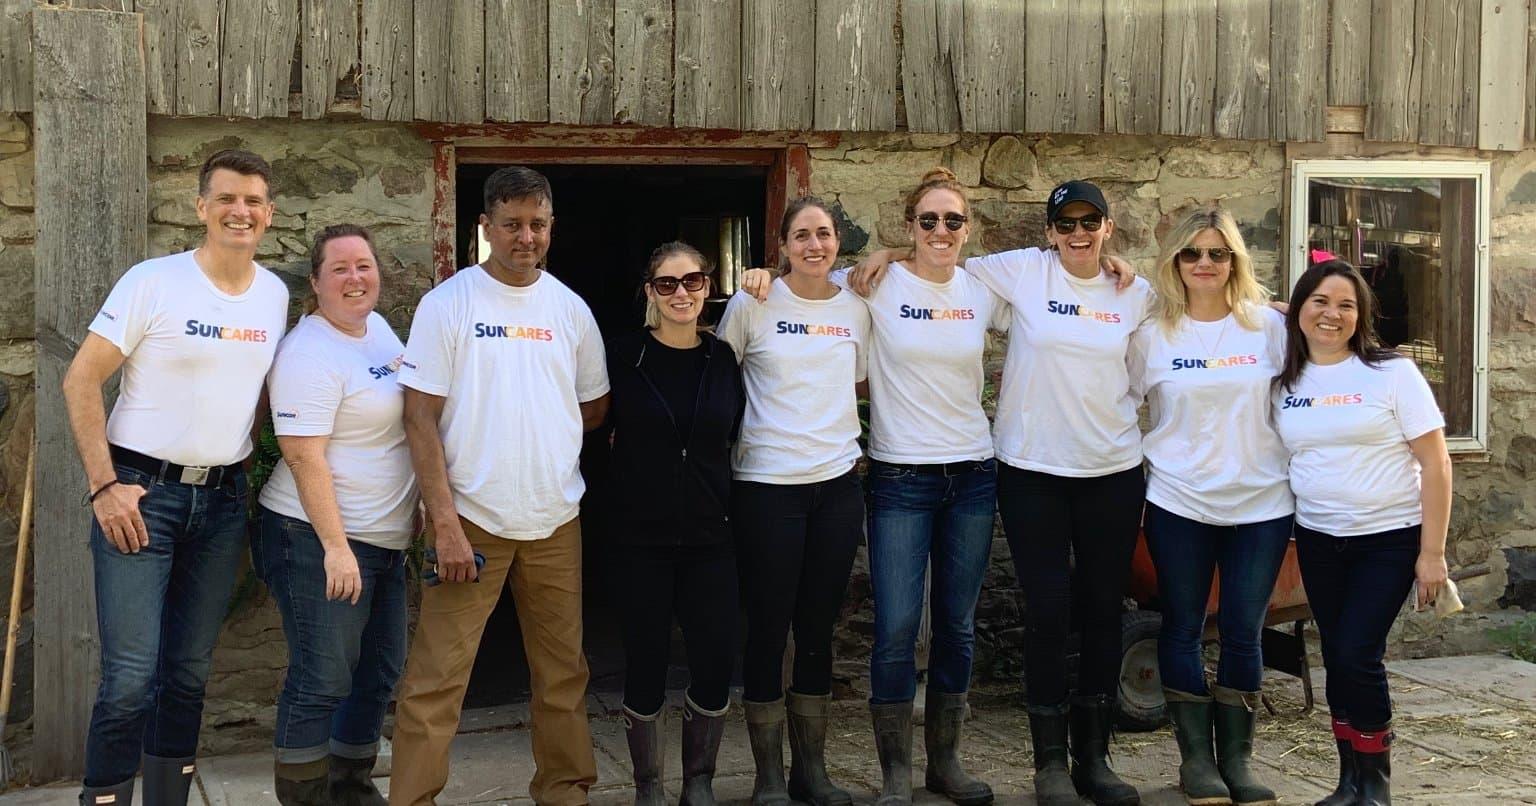 L'équipe SunCares profite d'une journée pour redonner à la communauté